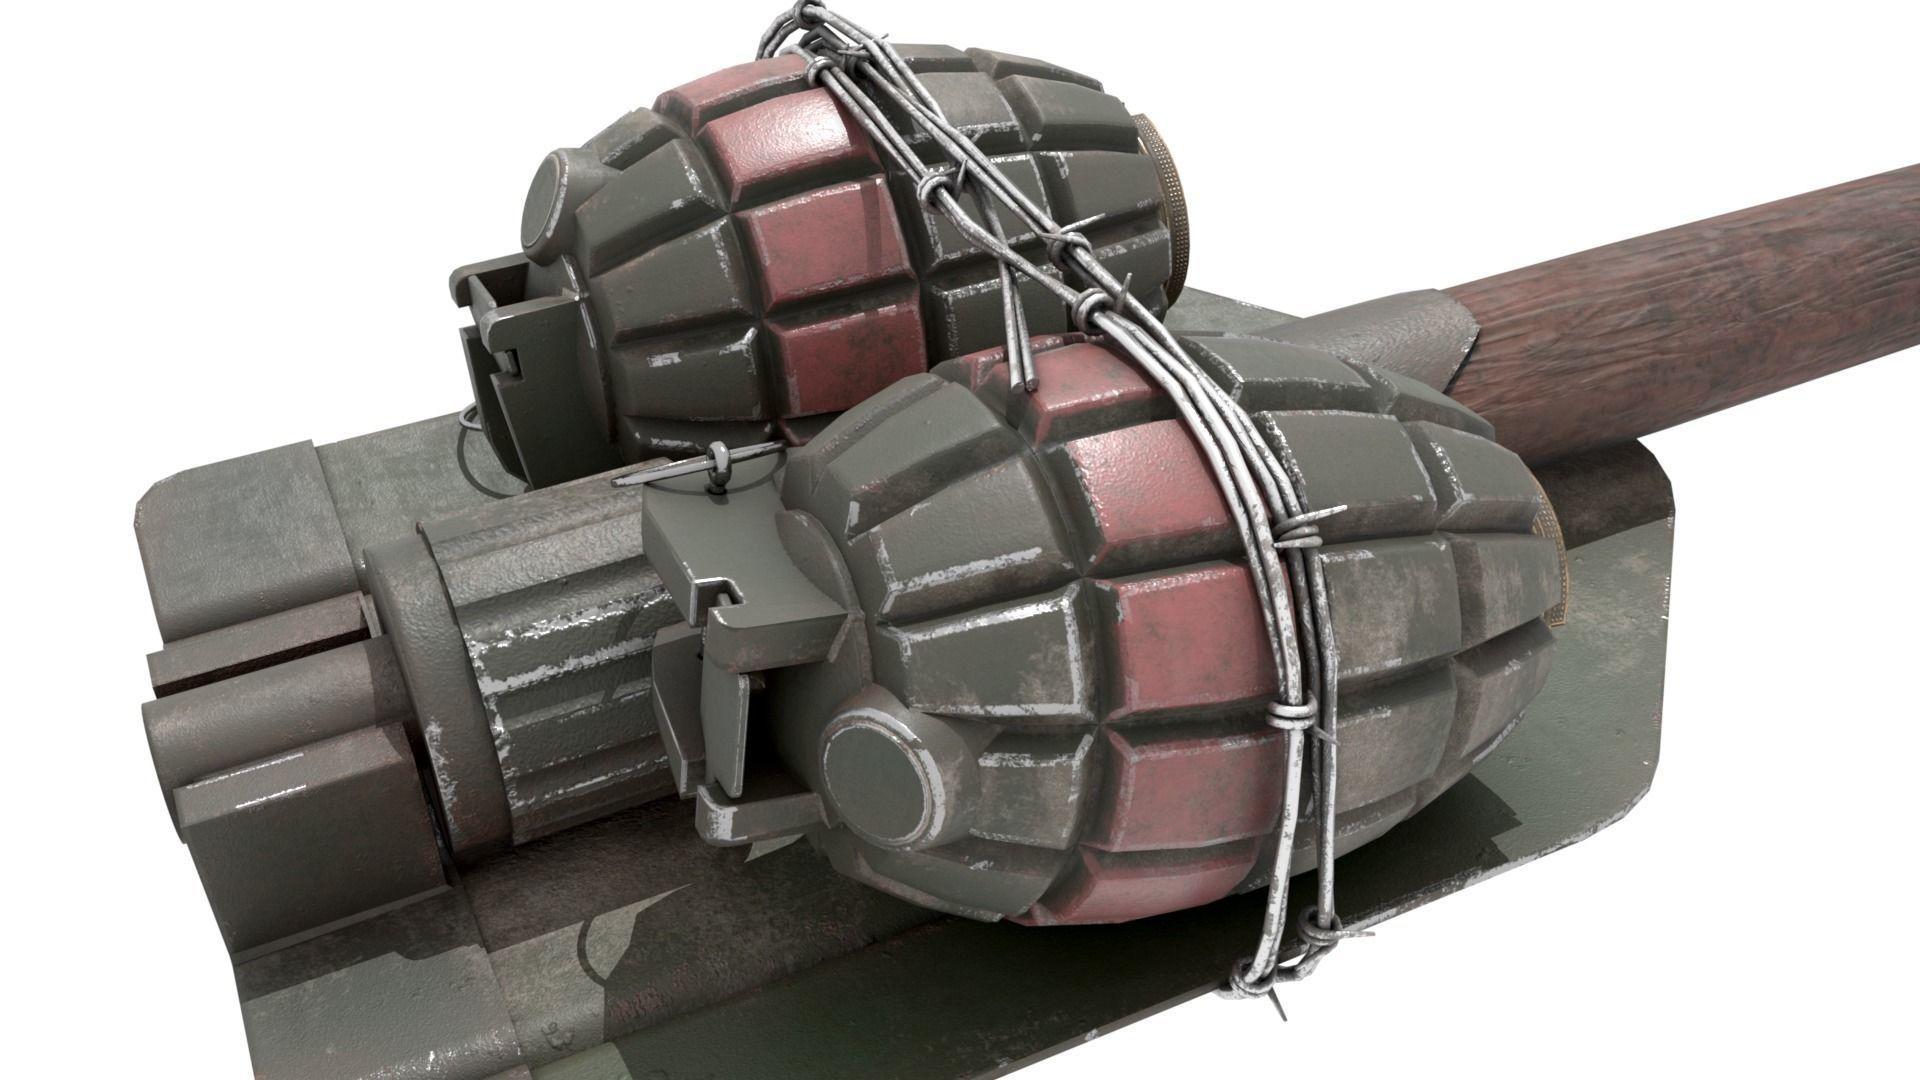 WW2 Improvised Exposive - Folding Shovel Stick Grenade | 3D model